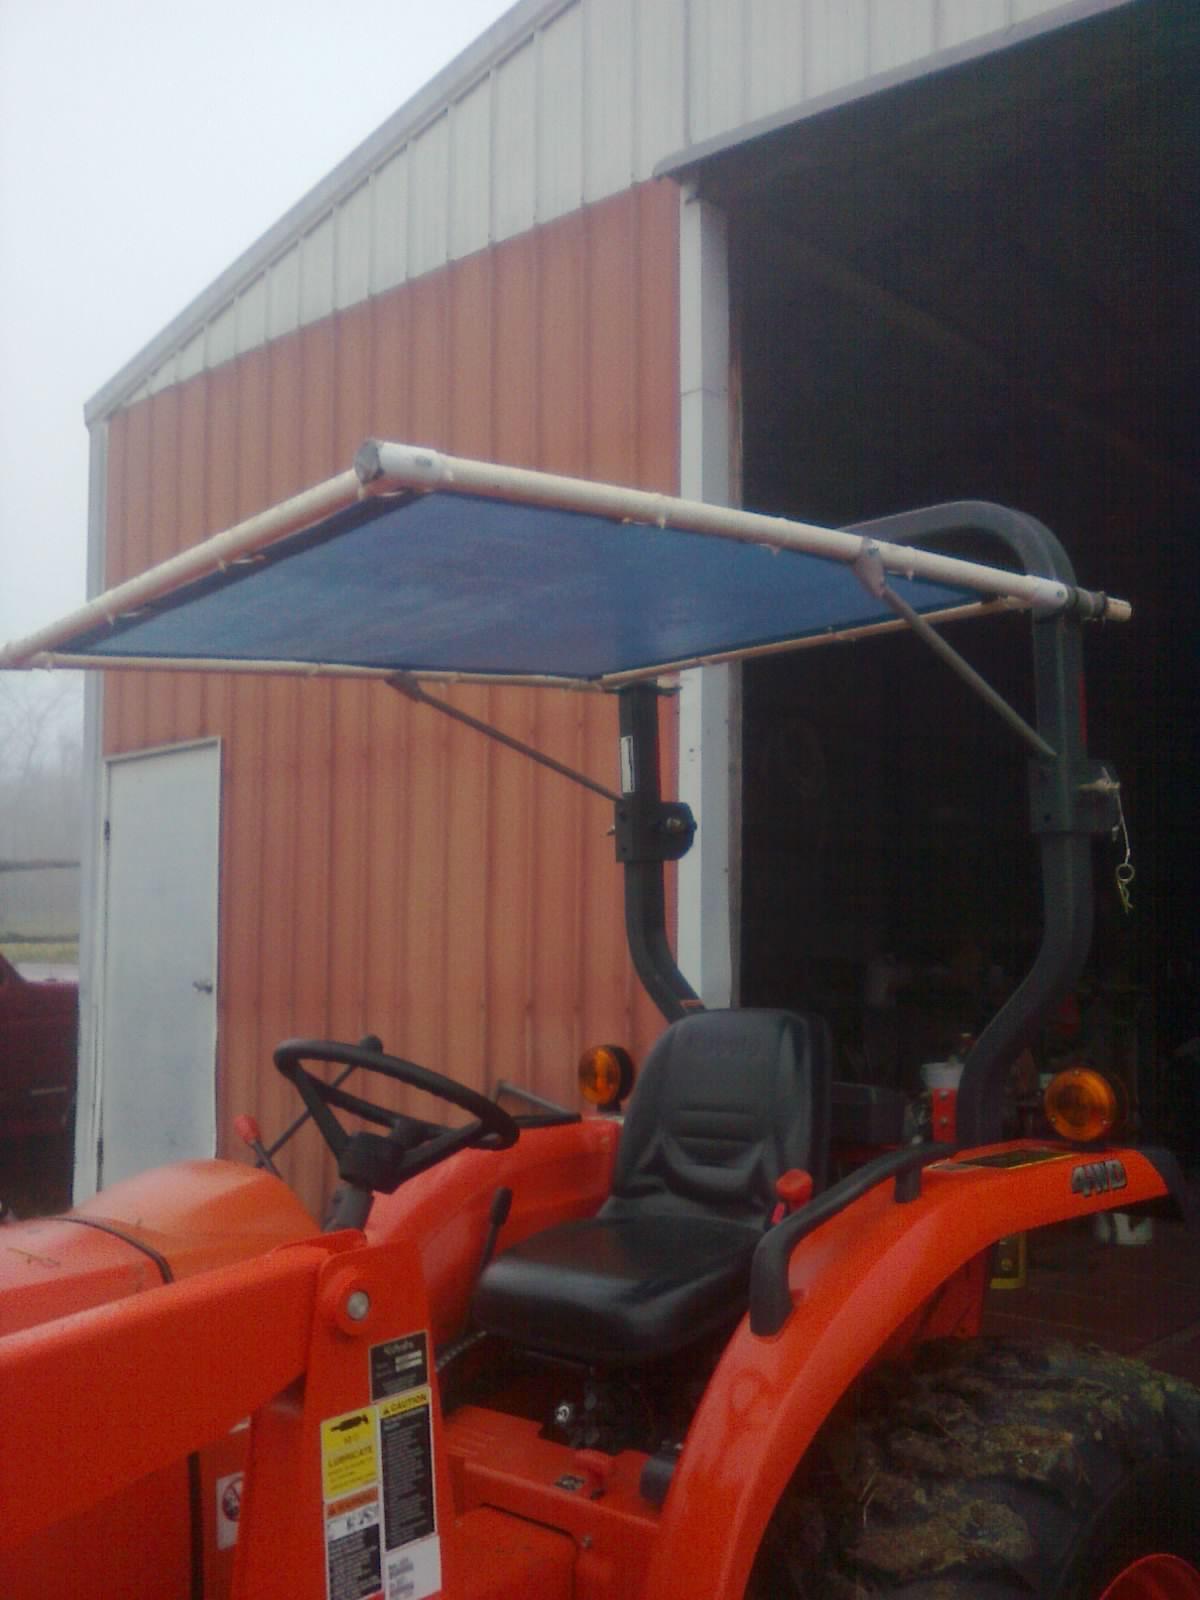 415946d1426014161-diy-canopy-will-work-canopy-jpg 1200×1600 & 415946d1426014161-diy-canopy-will-work-canopy-jpg 1200×1600 ... memphite.com